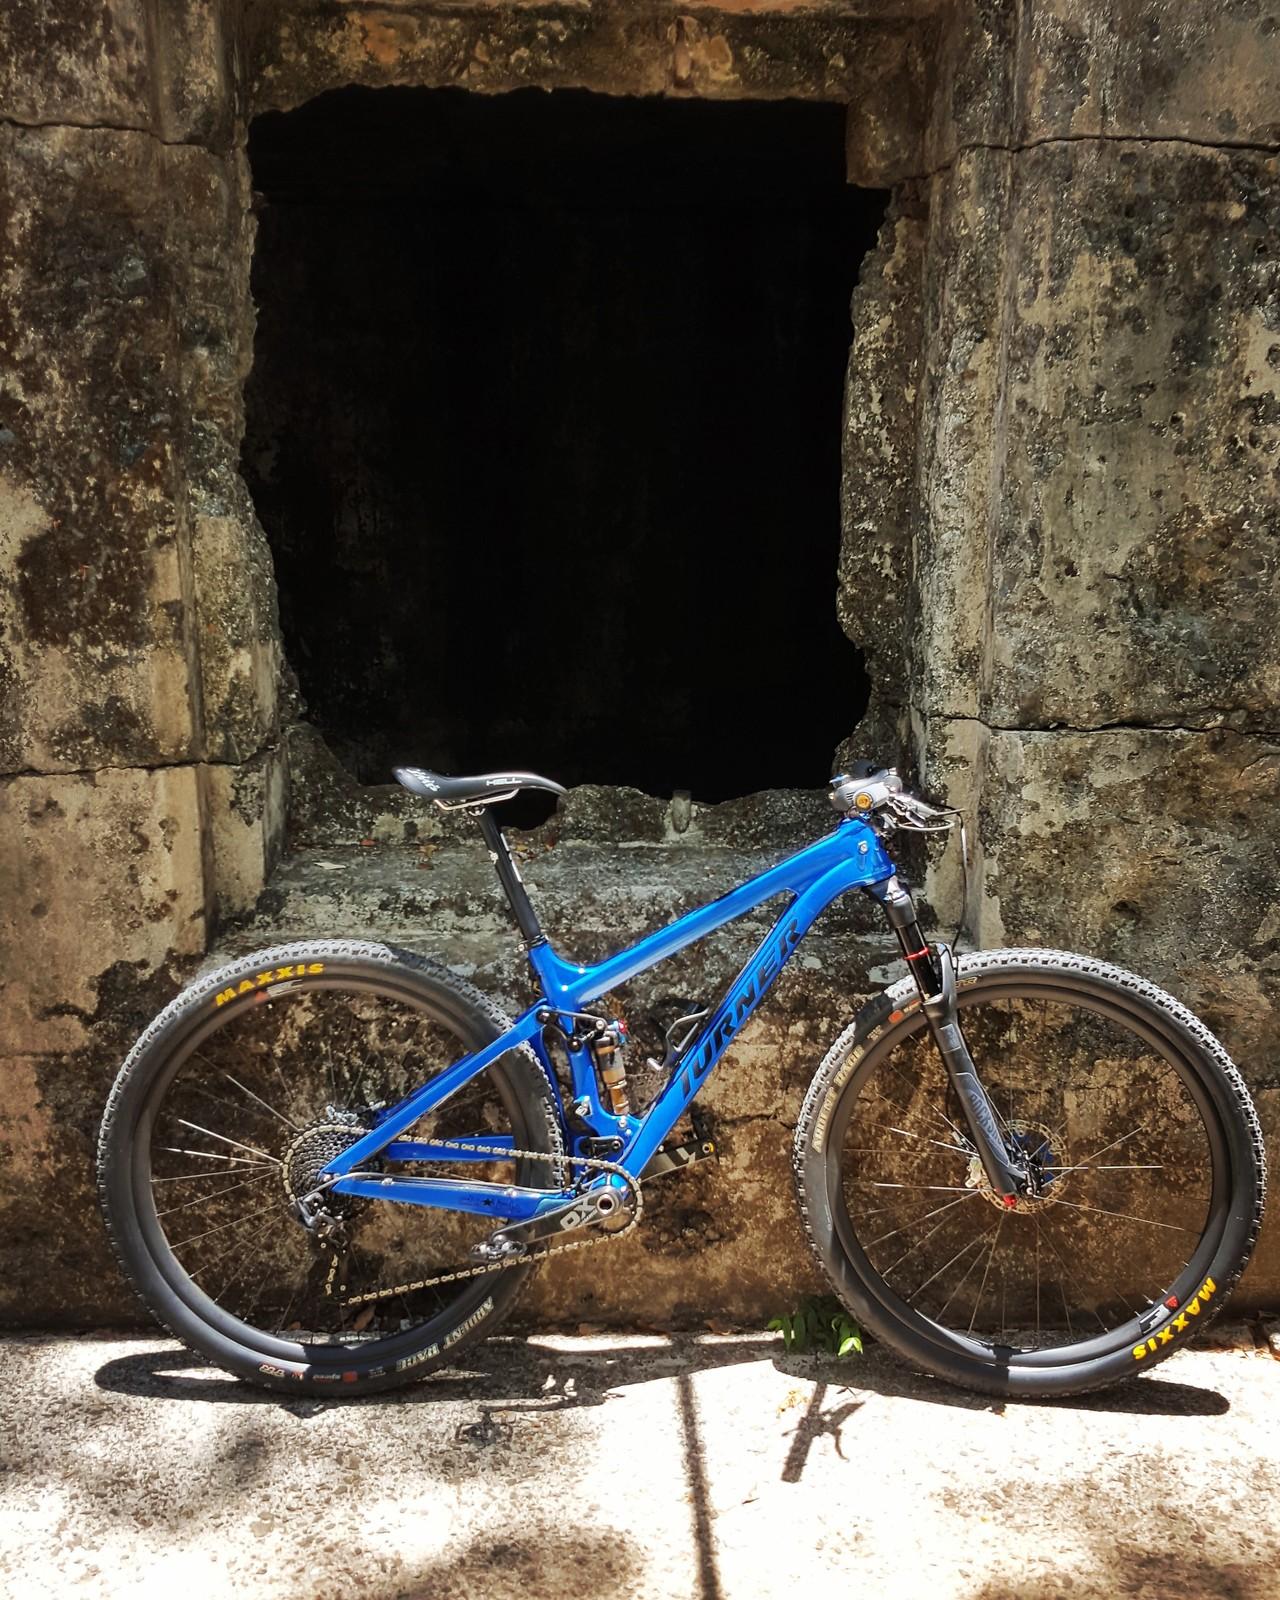 Turner Czar Ver 1.1 Candy Blue 29er 2015 - topz222\'s Bike Check ...